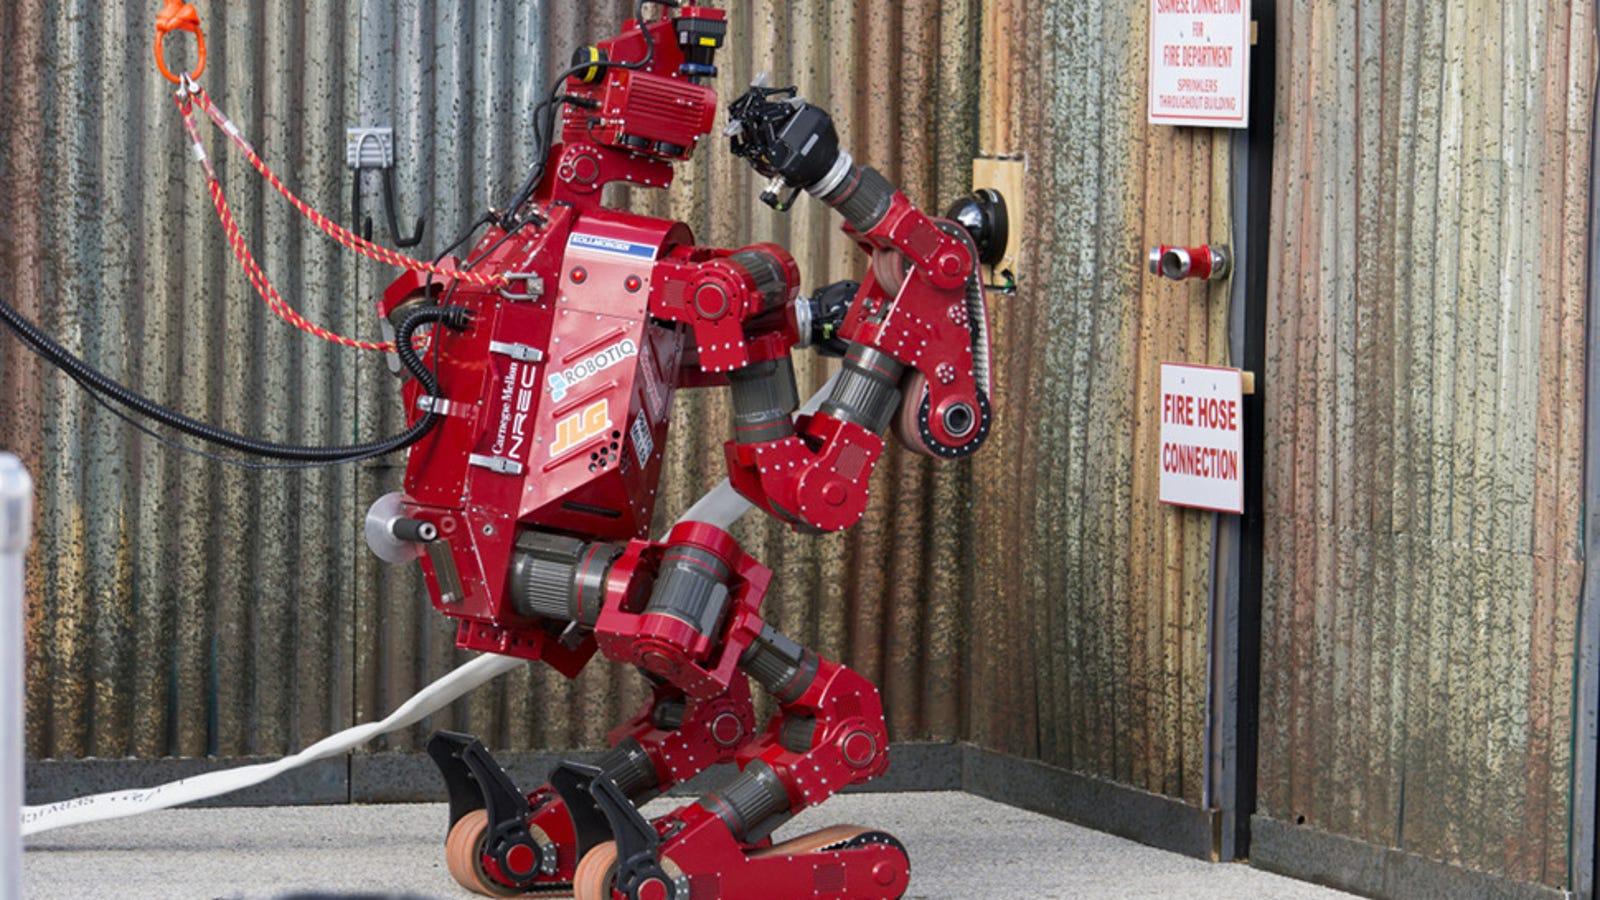 Los 8 increíbles robots finalistas de la competición de la DARPA